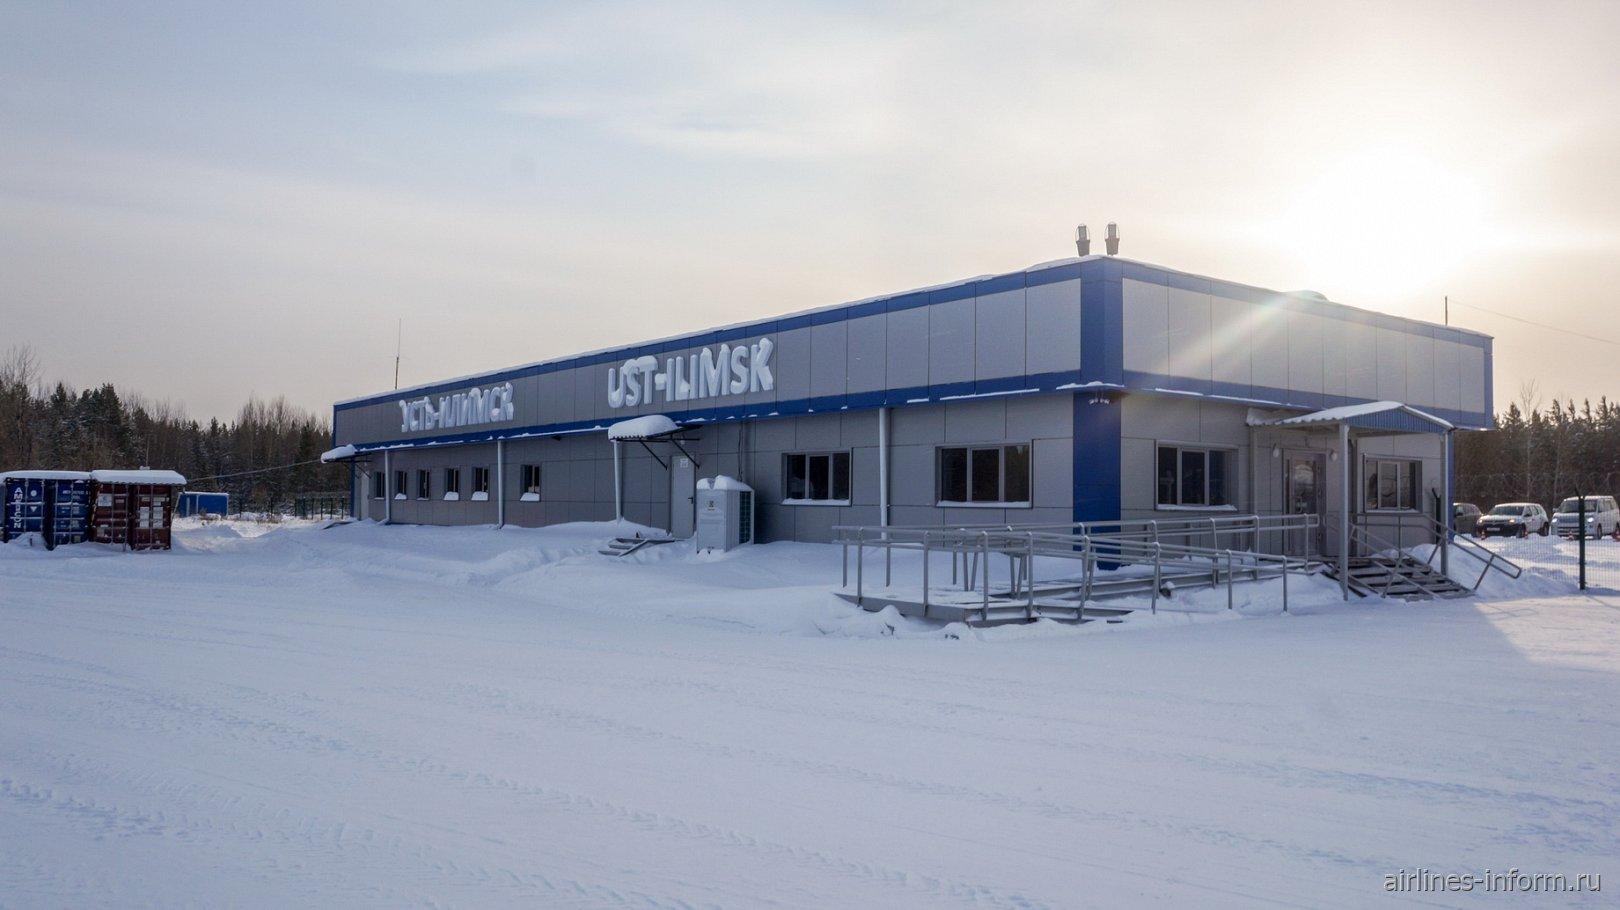 Вид с перрона на аэровокзал аэропорта Усть-Илимск